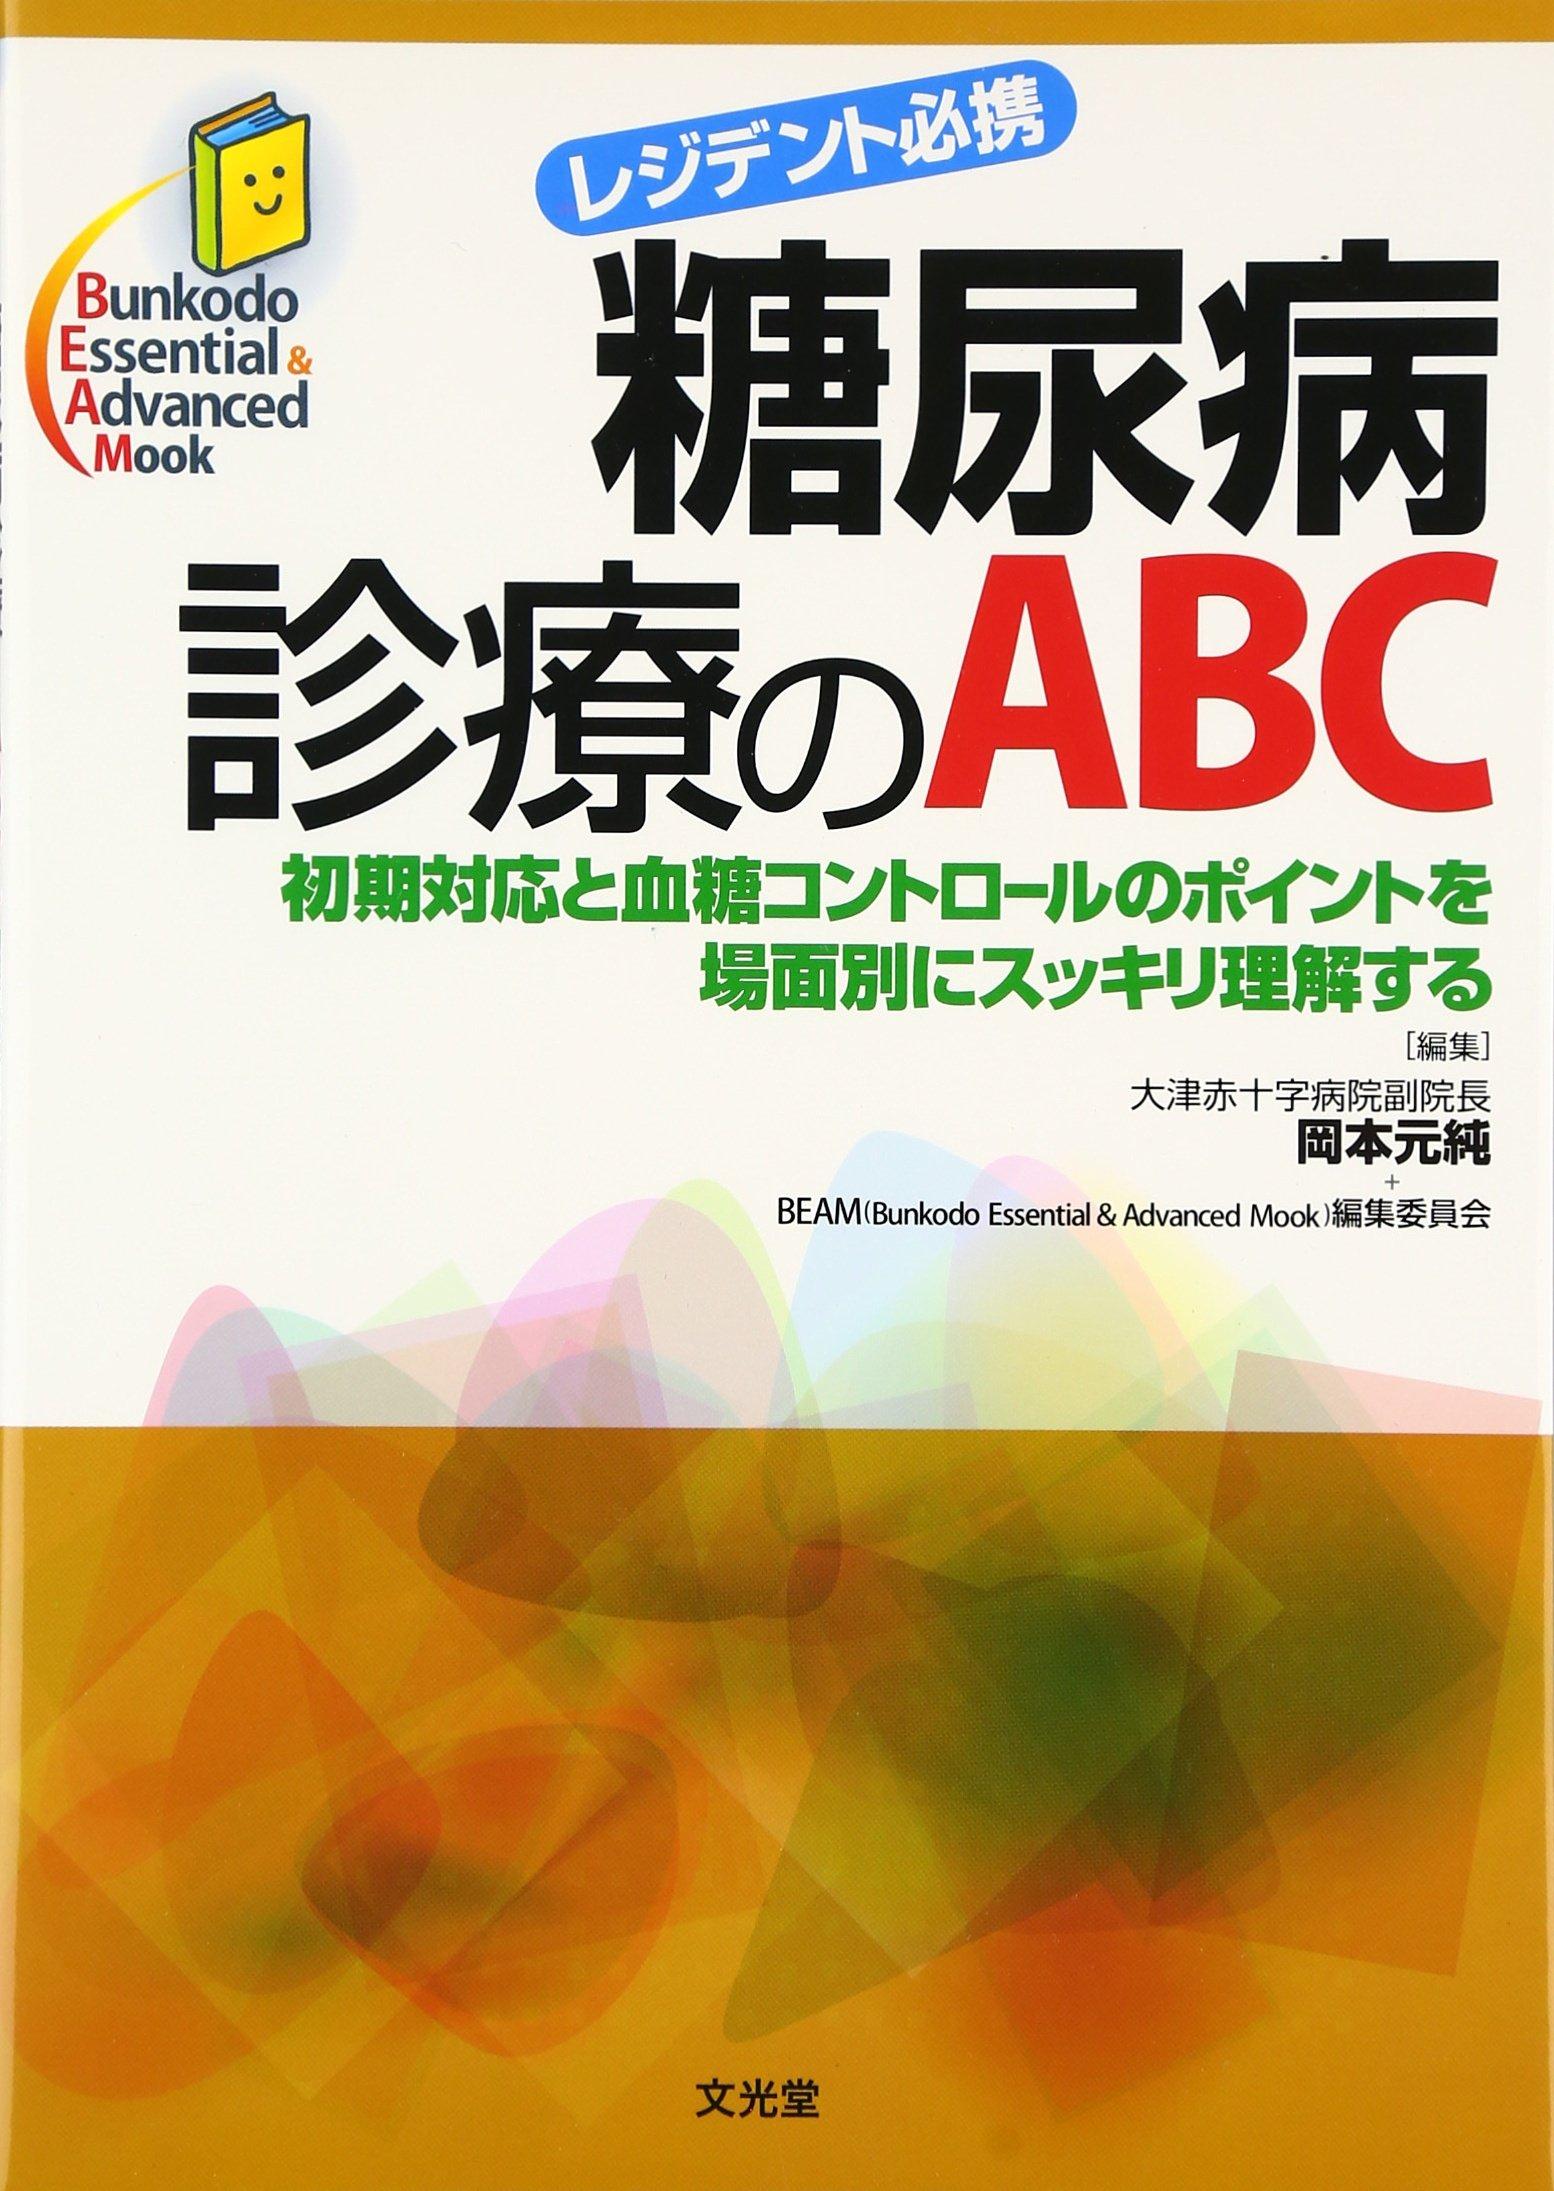 Tonyobyo shinryo no ABC : Rejidento hikkei : Shoki taio to ketto kontororu no pointo o bamenbetsu ni sukkiri rikaisuru. PDF